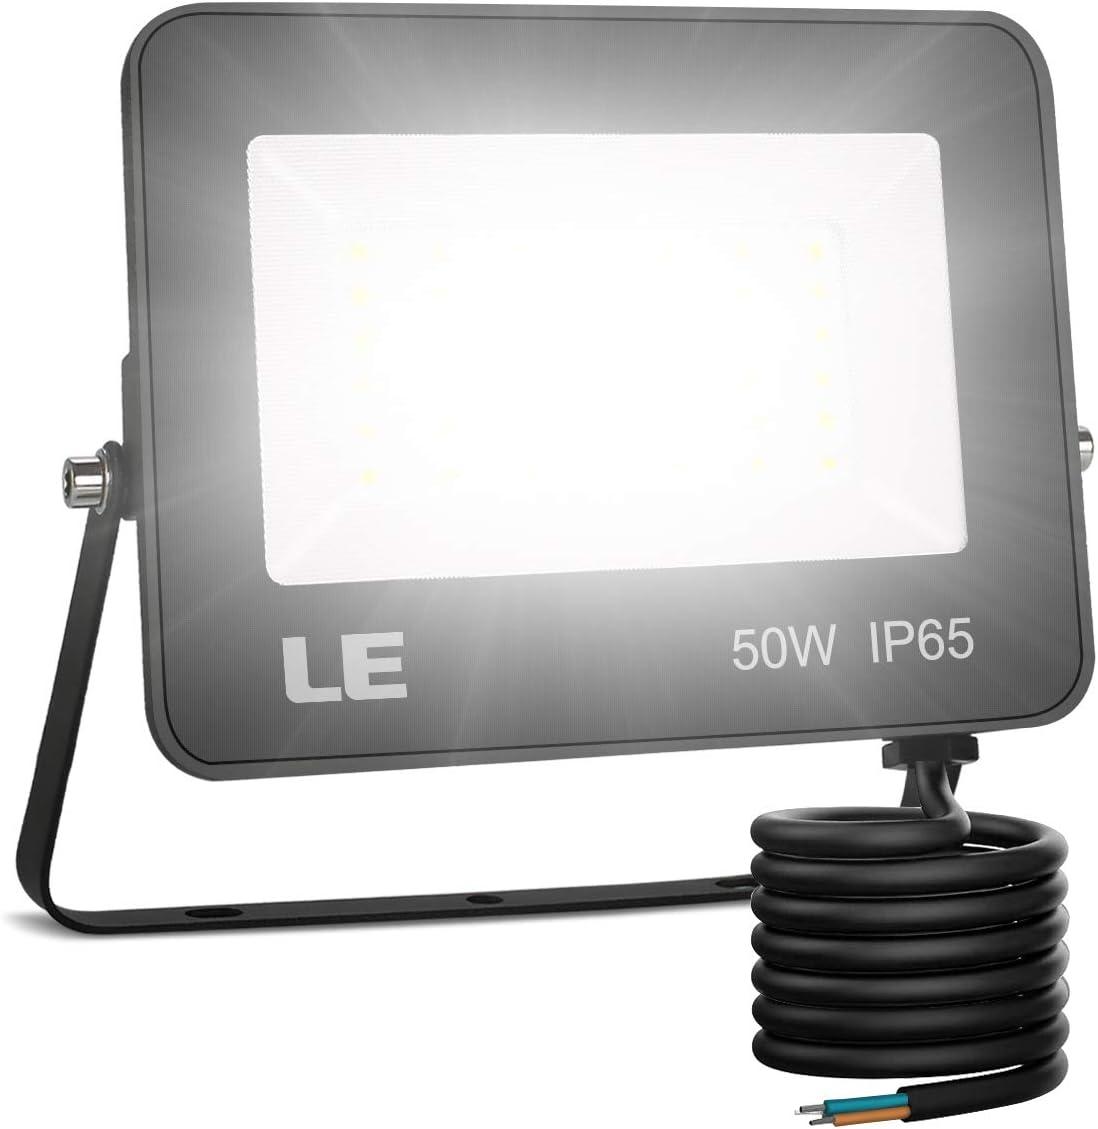 LE Foco LED 50W, 5000 lúmenes, IP65 resistente al agua, Foco LED Exterior, Blanco Frío 5000 K, Ángulo de haz 120°, Foco Proyector LED para Jardín, Garaje, Hotel, Patio, etc.